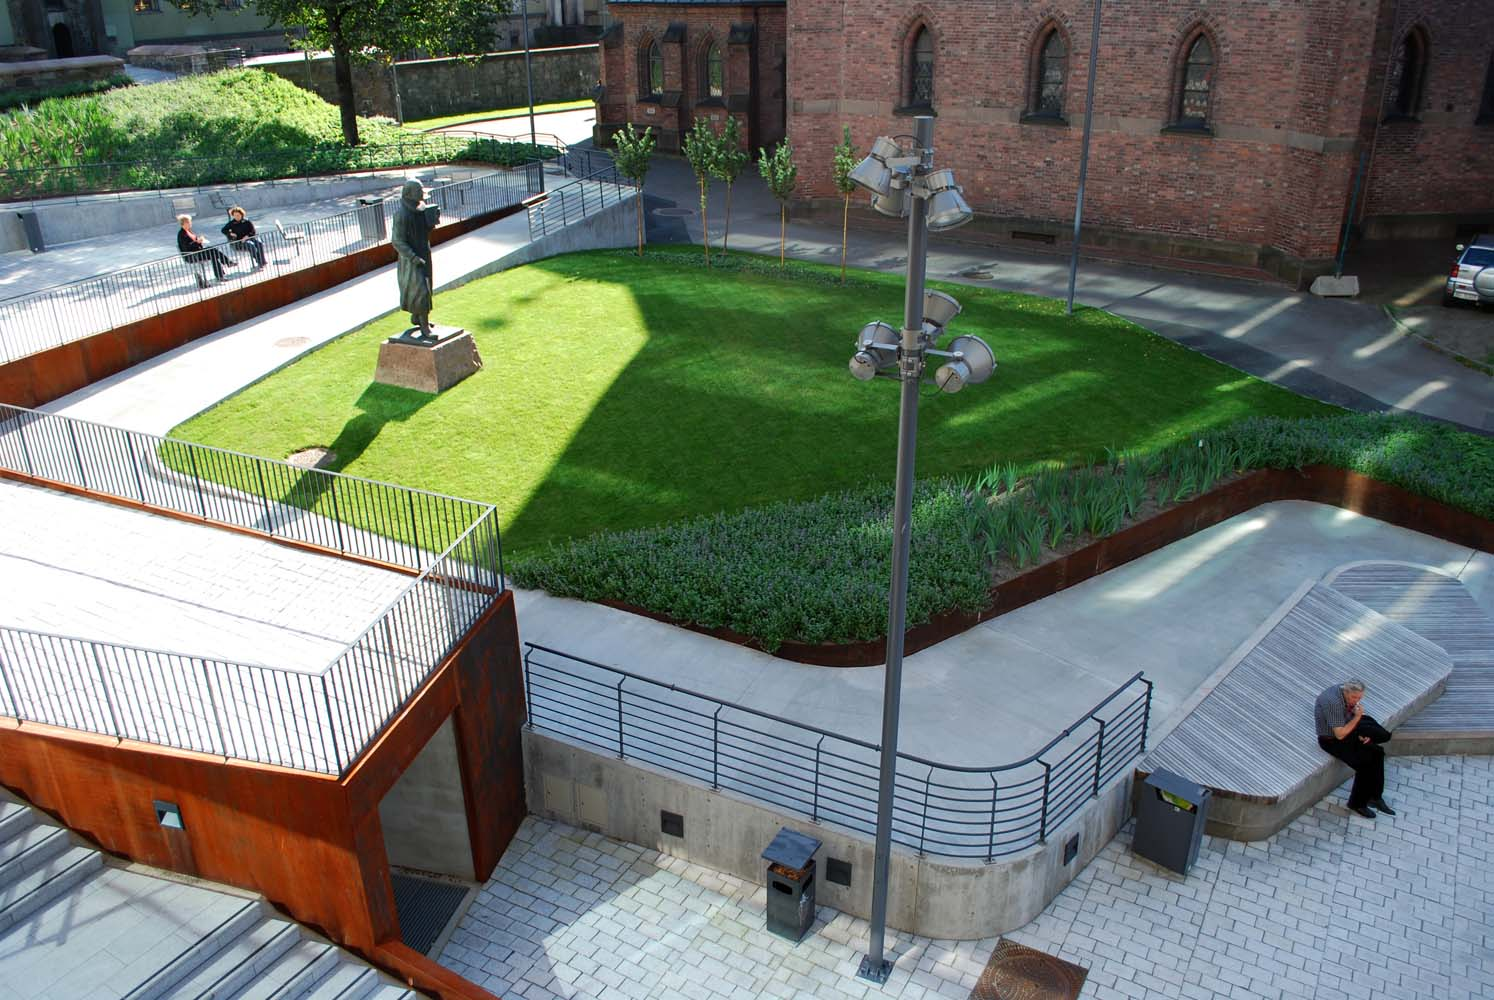 Pladsens grønne, kobber- og betonfarver er valgt til at matche omgivelserne.